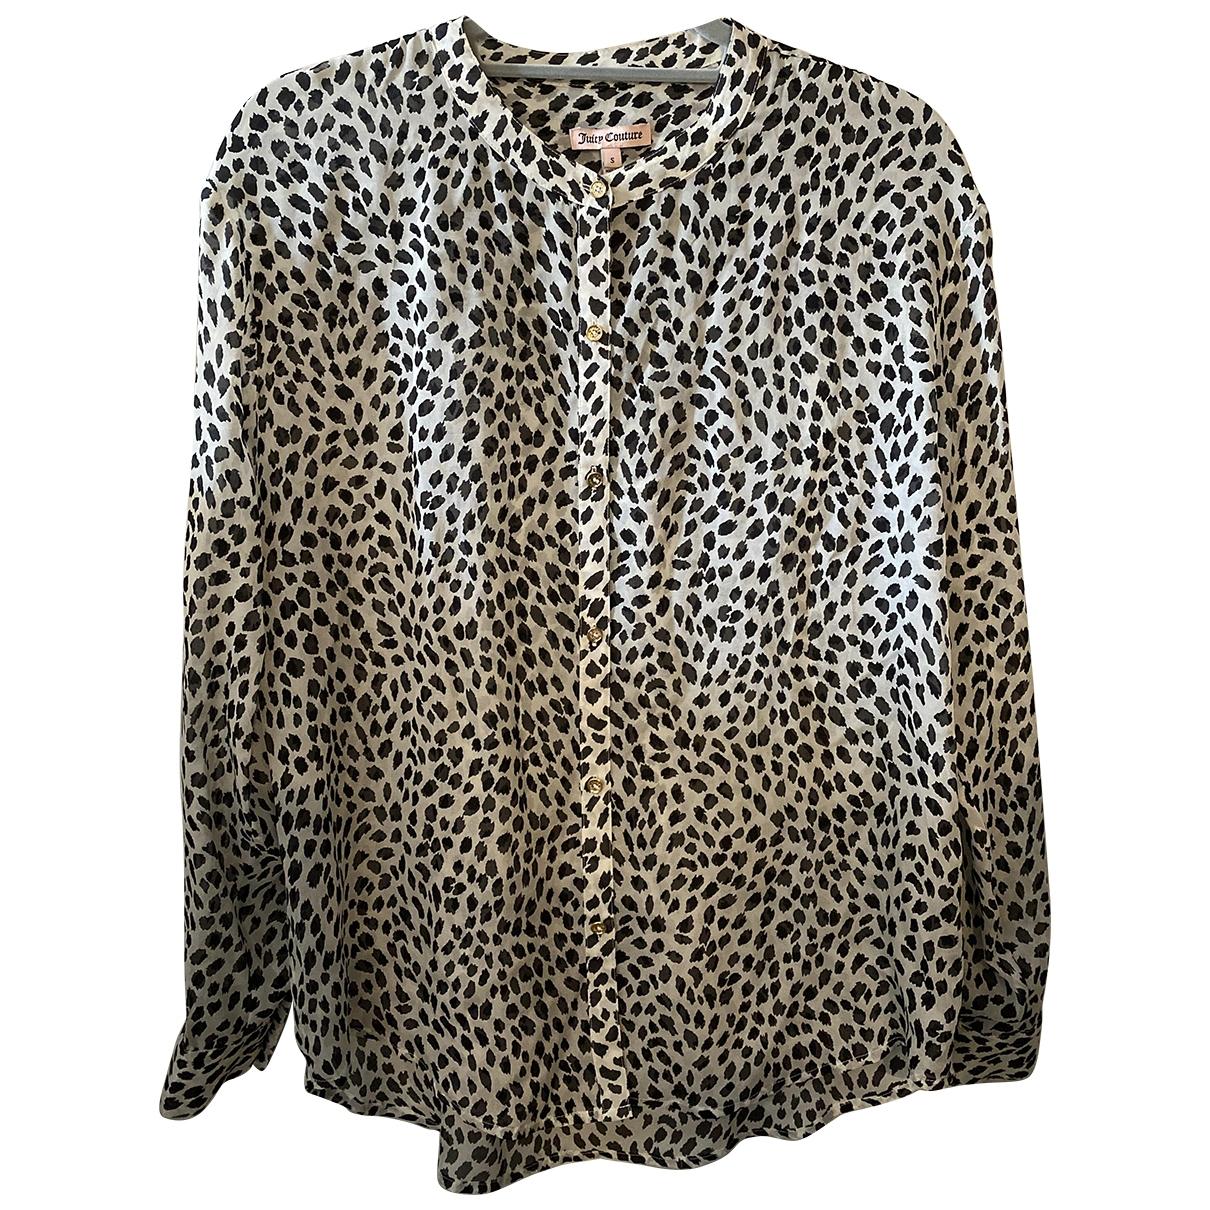 Juicy Couture - Top   pour femme en soie - blanc